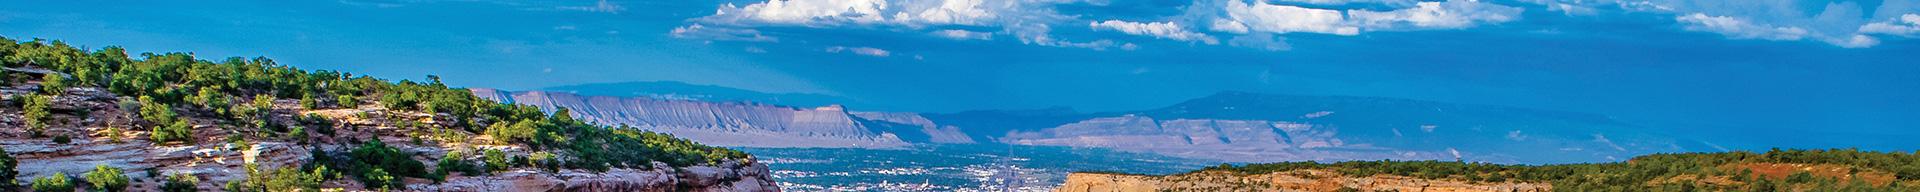 sky-over-Colorado-National-Monument